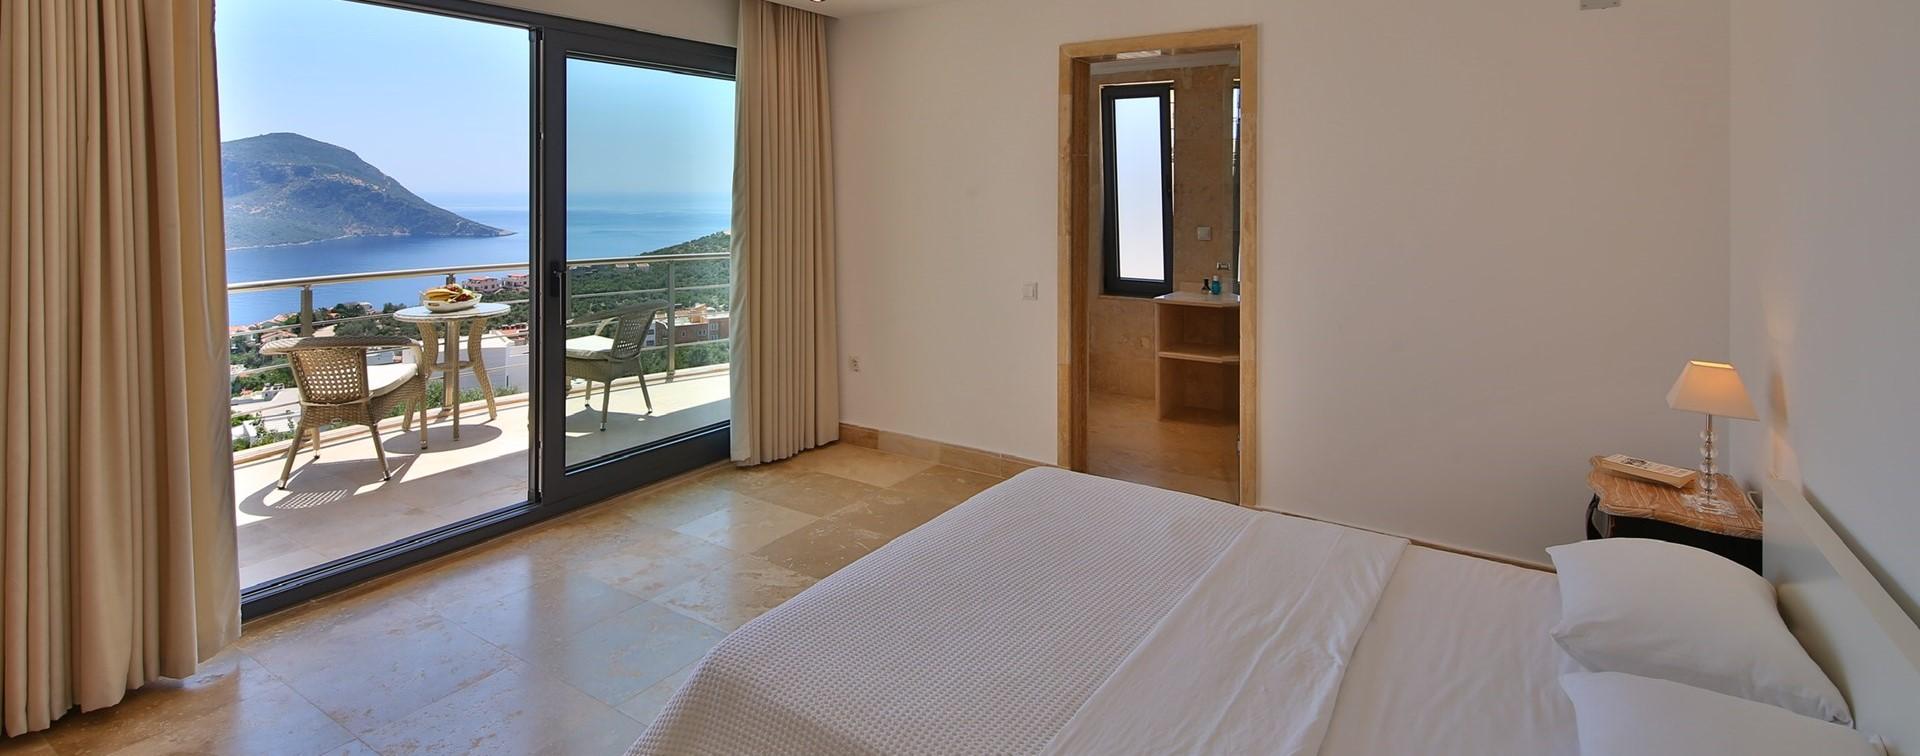 villa-ecrin-kalkan-double-bedroom-2